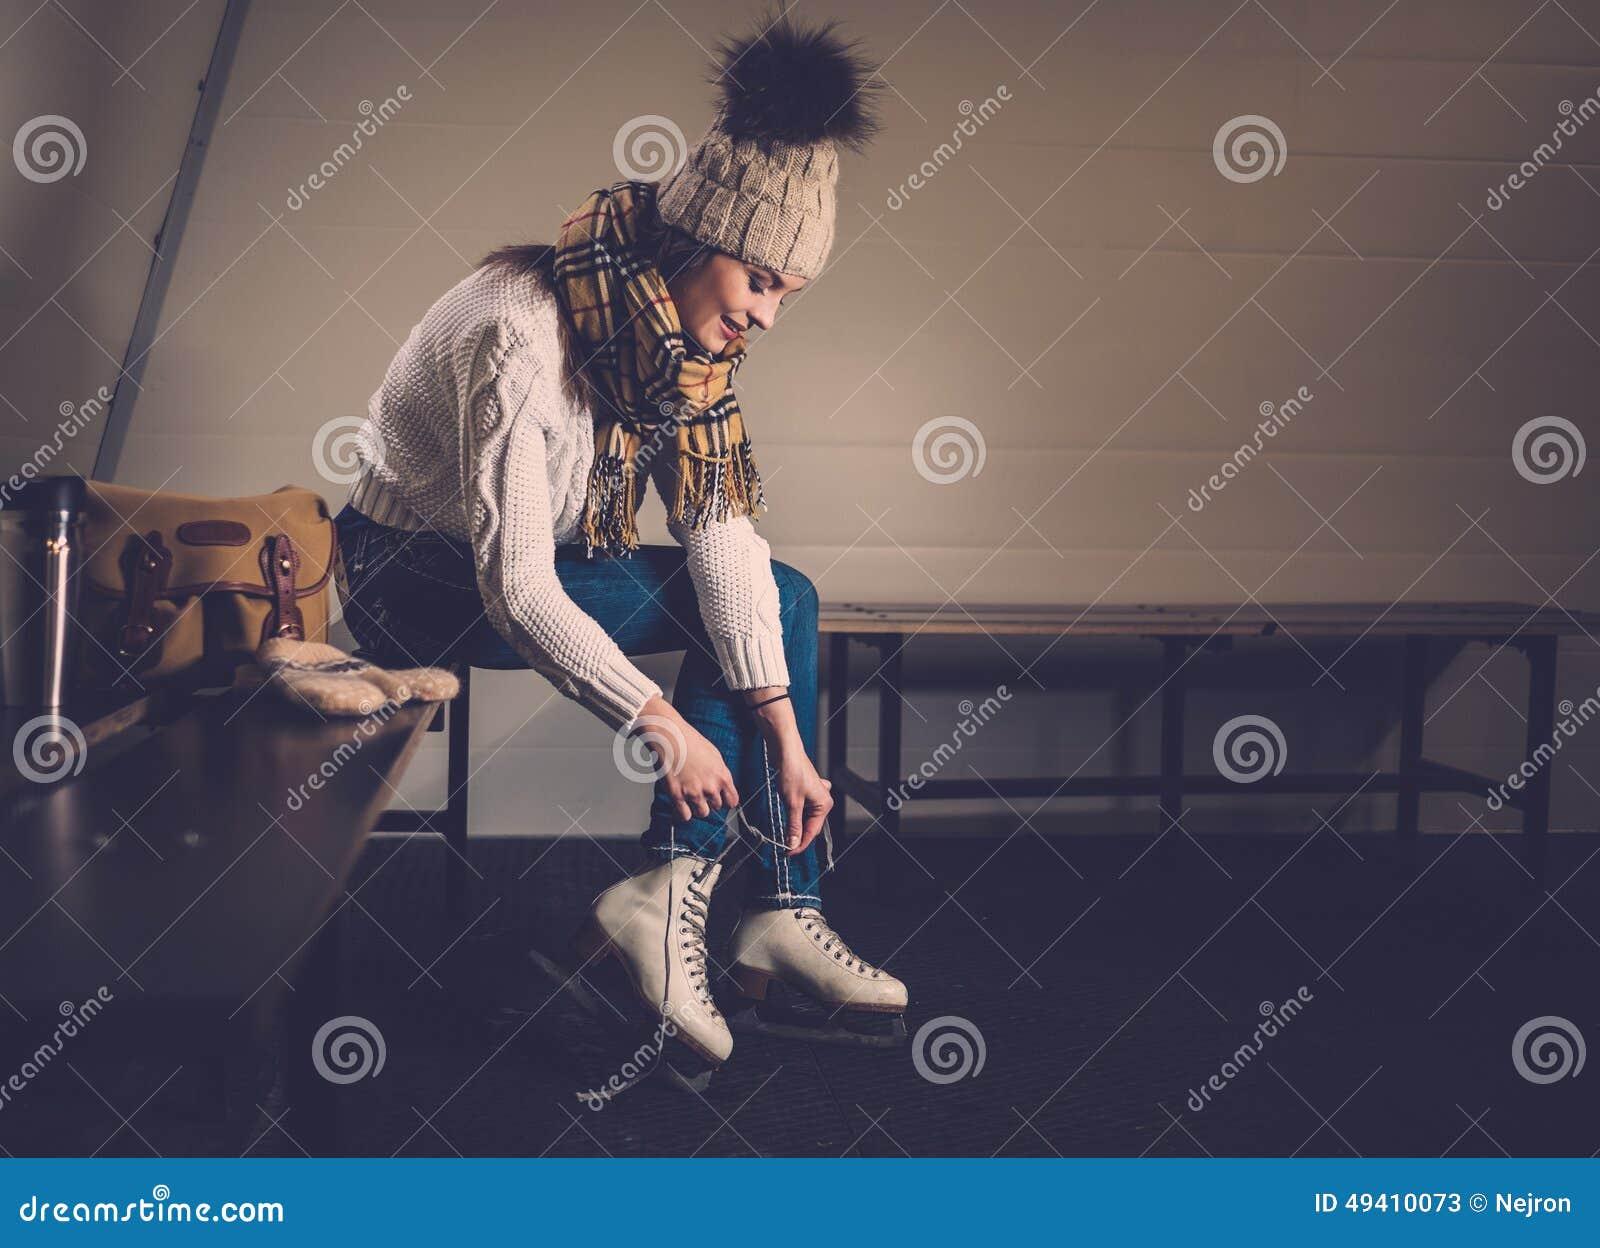 Download Mädchen, Wenn Umkleideraum Schlittschuh Gelaufen Wird Stockbild - Bild von arena, rochen: 49410073